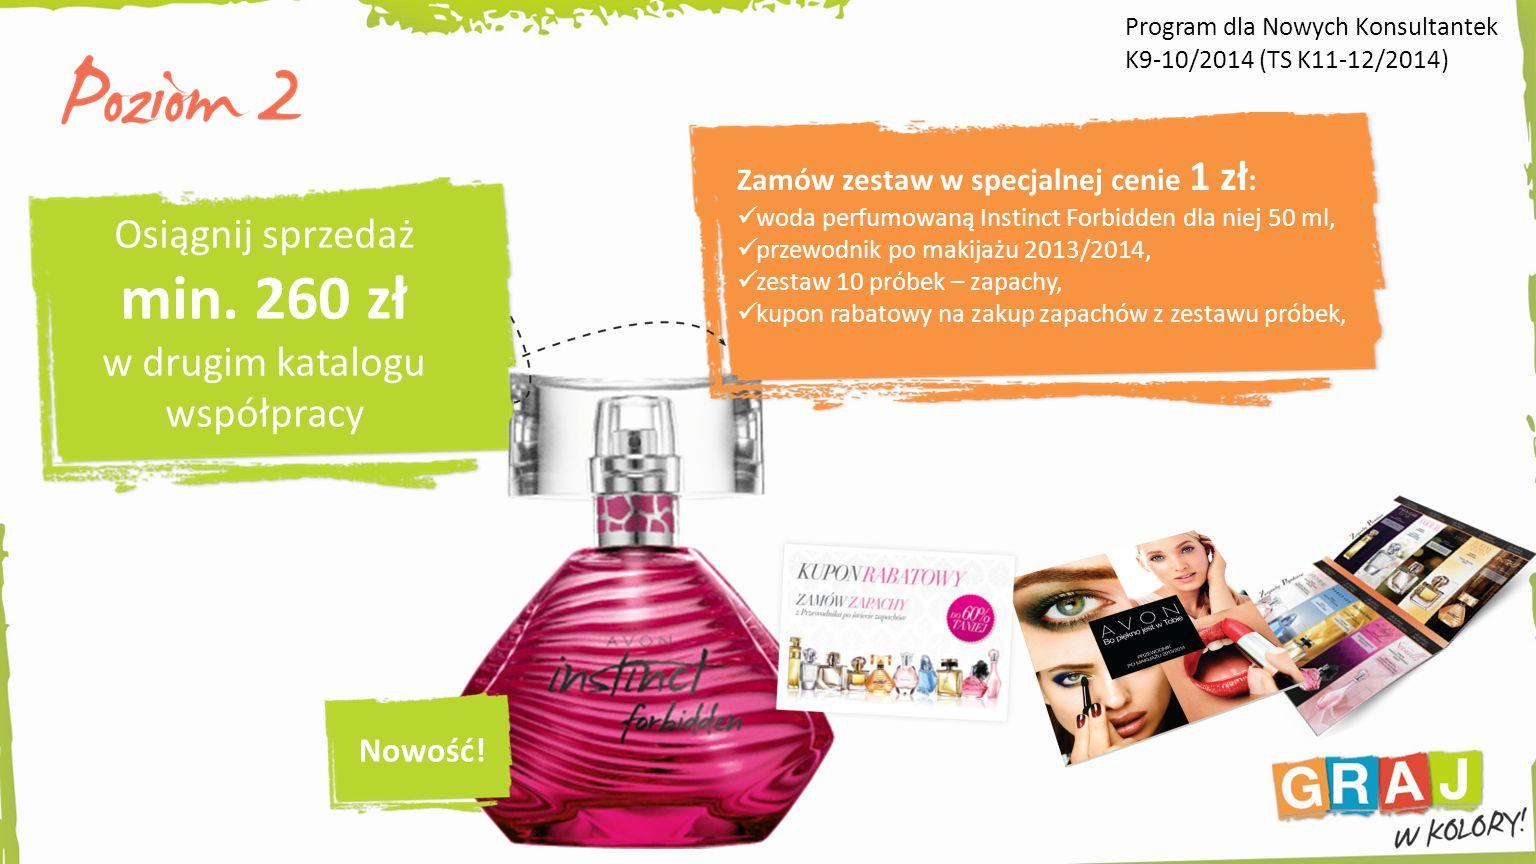 Zamów zestaw w specjalnej cenie 1 zł : woda perfumowaną Instinct Forbidden dla niej 50 ml, przewodnik po makijażu 2013/2014, zestaw 10 próbek – zapachy, kupon rabatowy na zakup zapachów z zestawu próbek, Nowość.